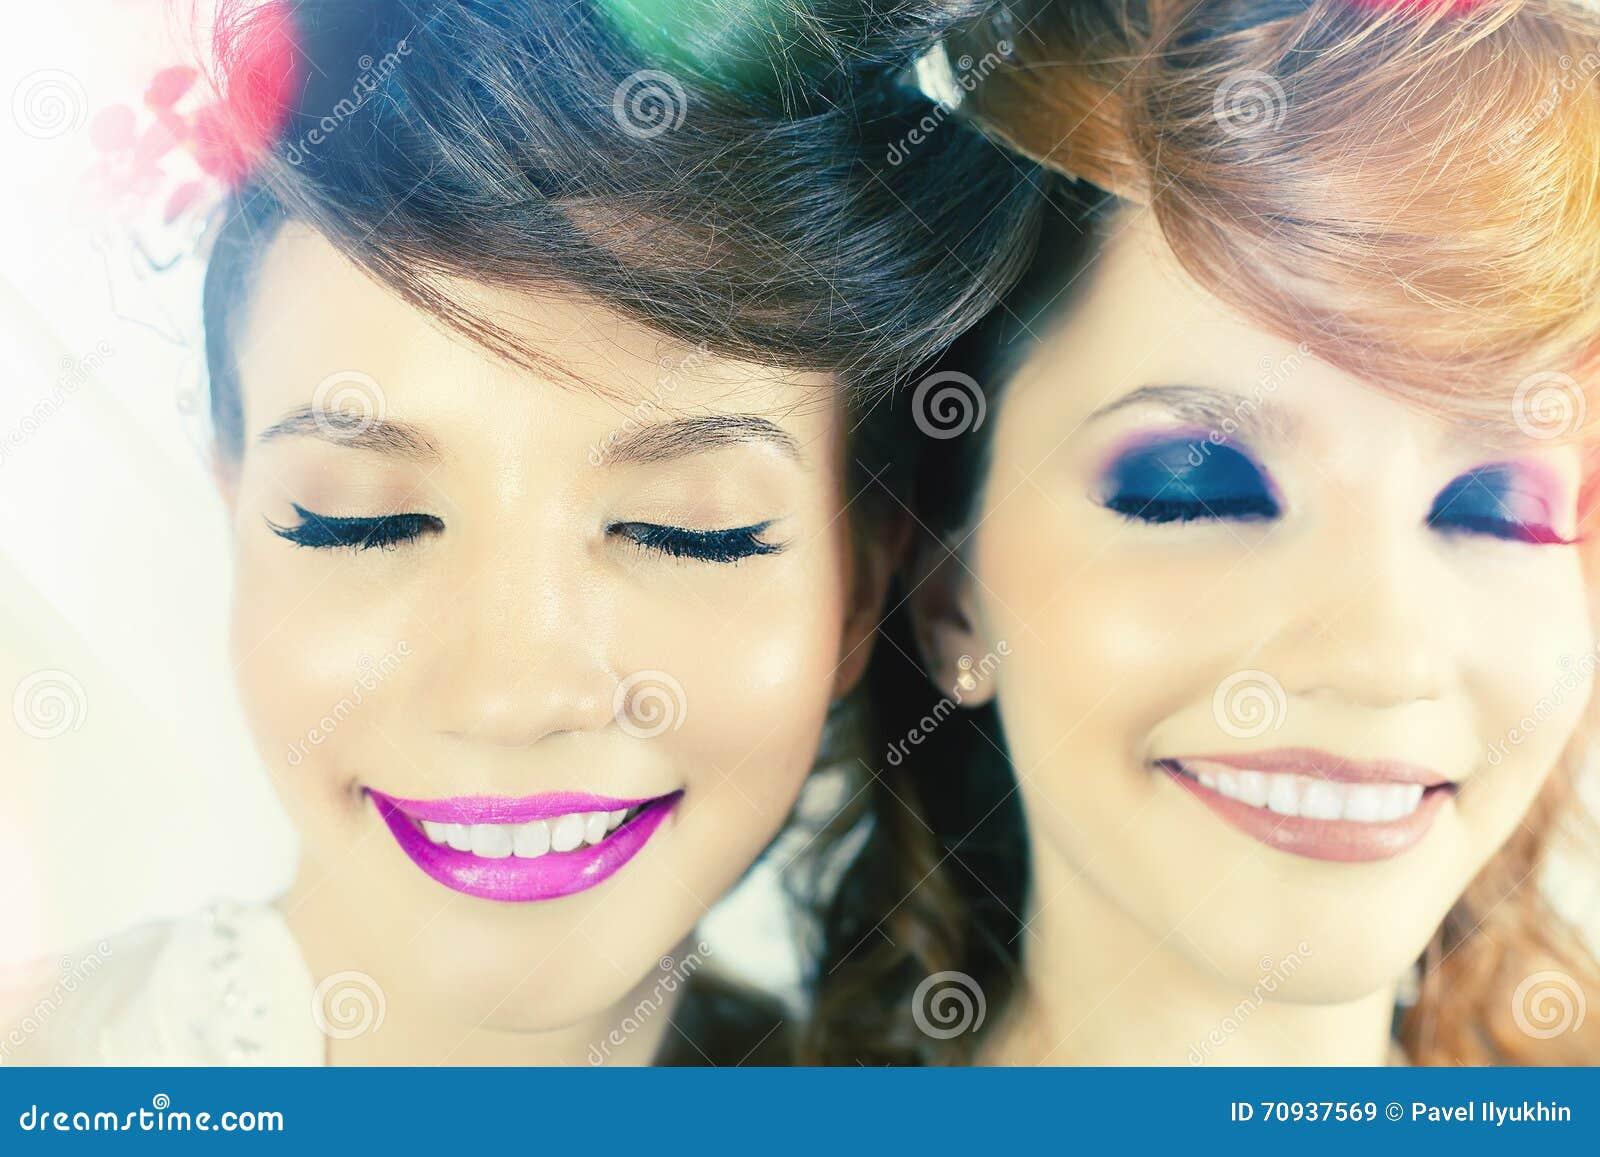 Απολύτως πανέμορφα κορίτσια διδύμων με τη σύνθεση μόδας